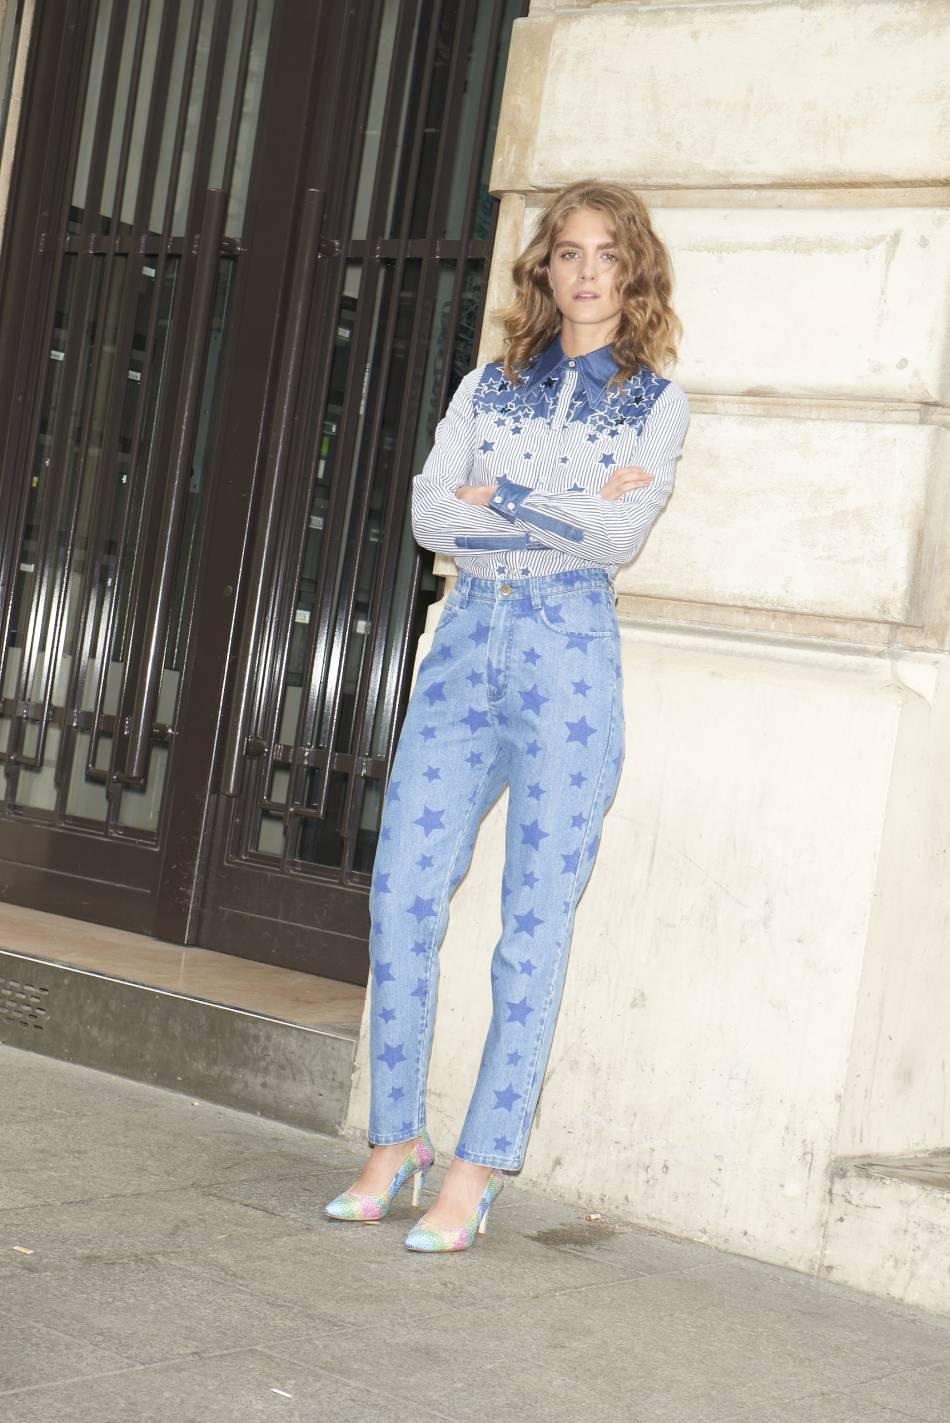 Manoush réinvente le jean mum par ces motifs étoiles.